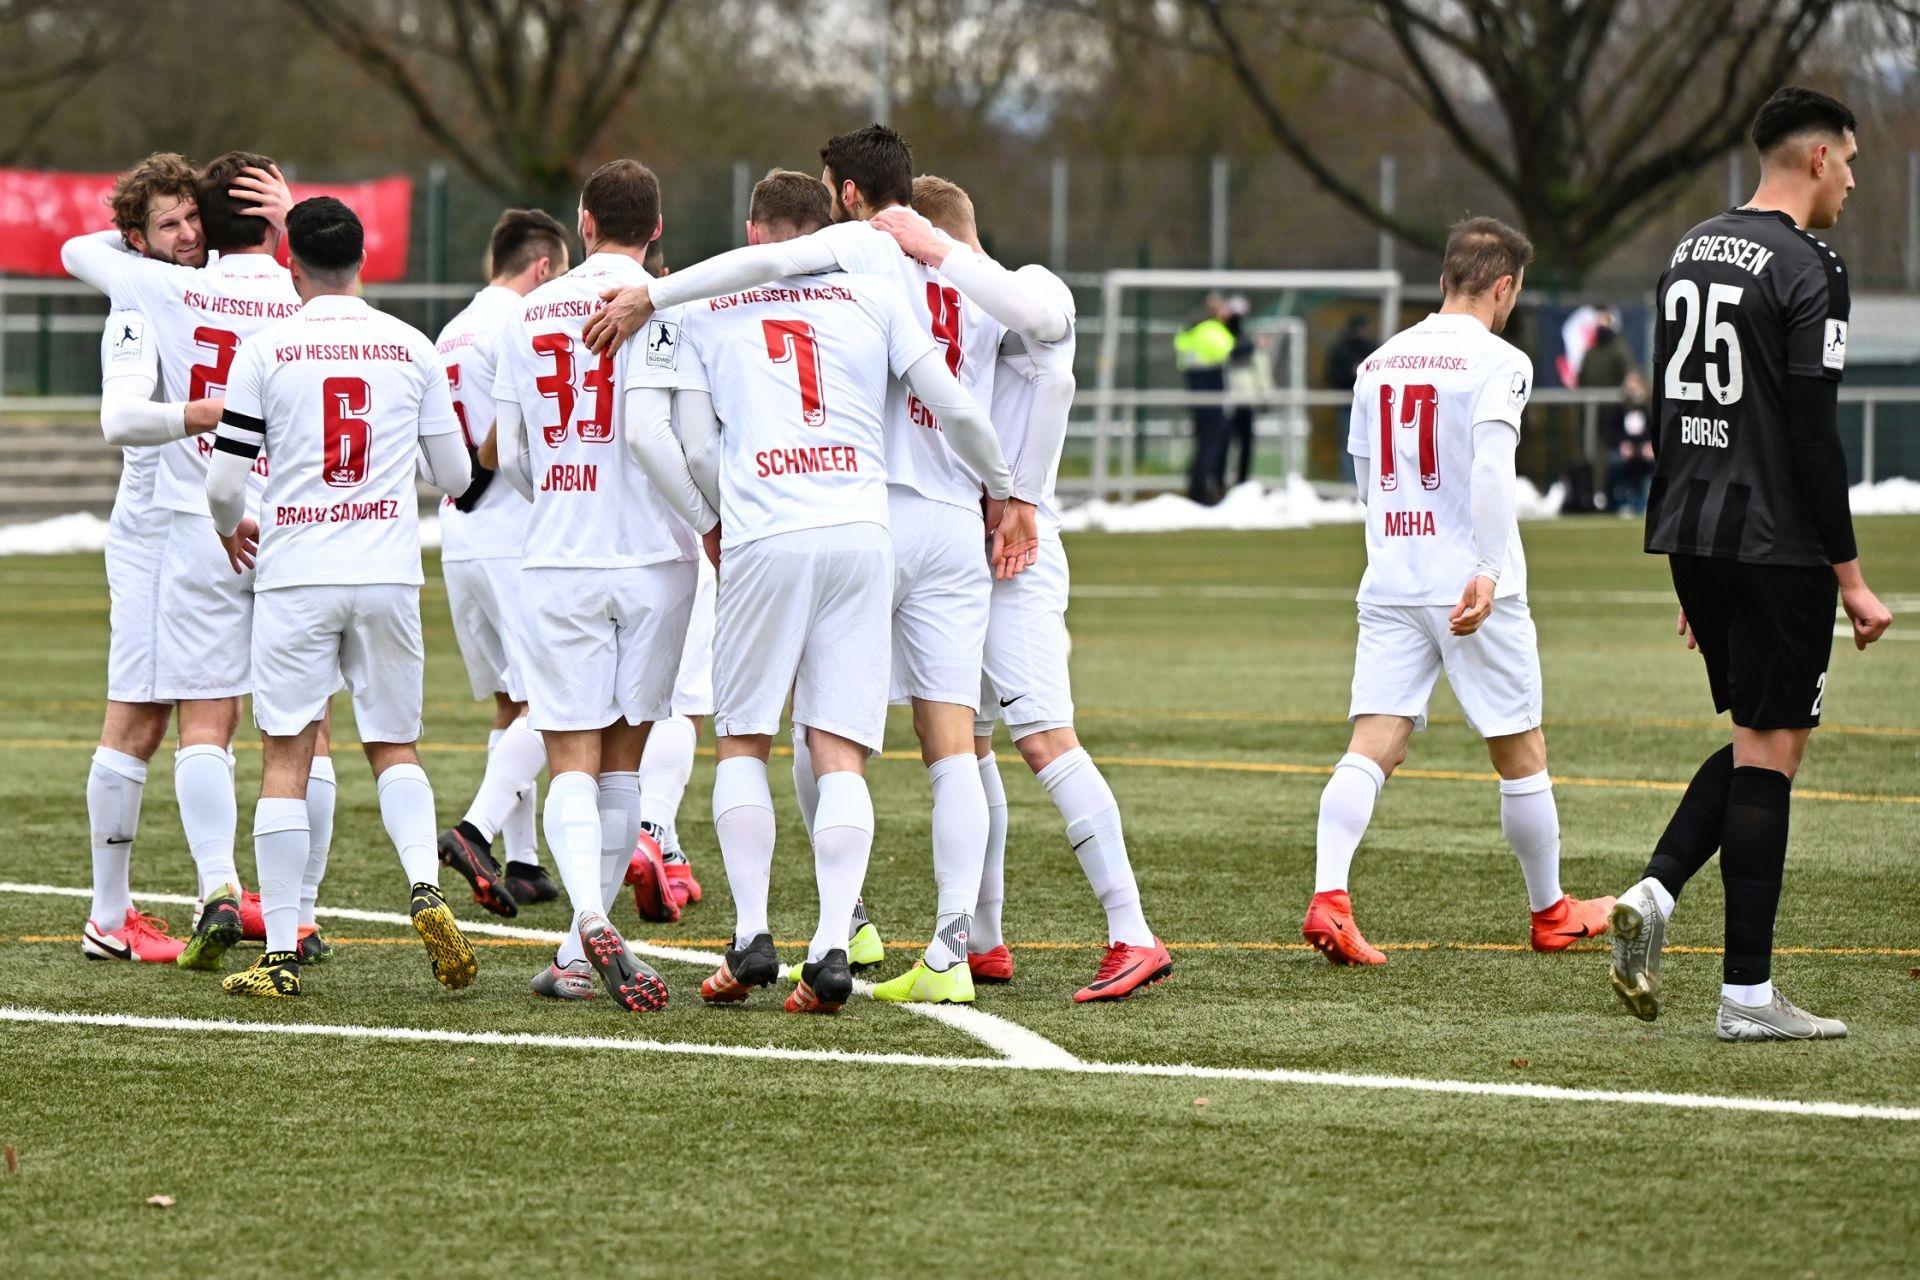 Regionalliga S�dwest 2020/21, KSVHessen Kassel, FC Giessen, Endstand 1:1, Jubel zum 1:1